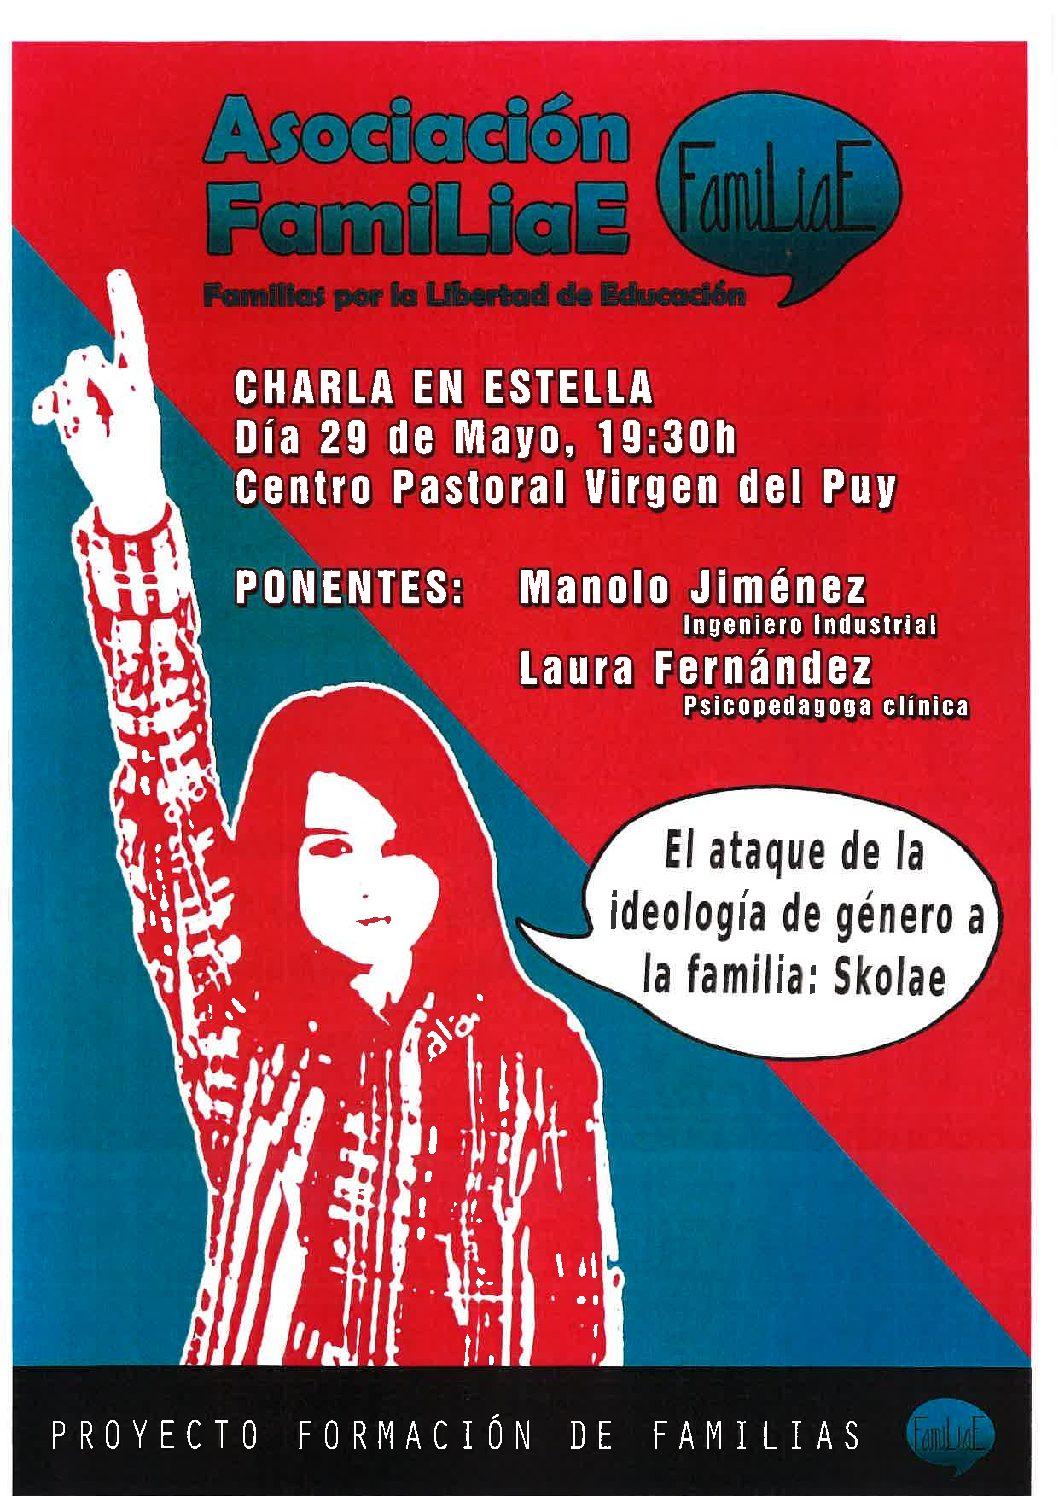 Charla informativa sobre SKOLAE. 29 de mayo. 19:30 H. Centro Parroquial Virgen del Puy de Estella